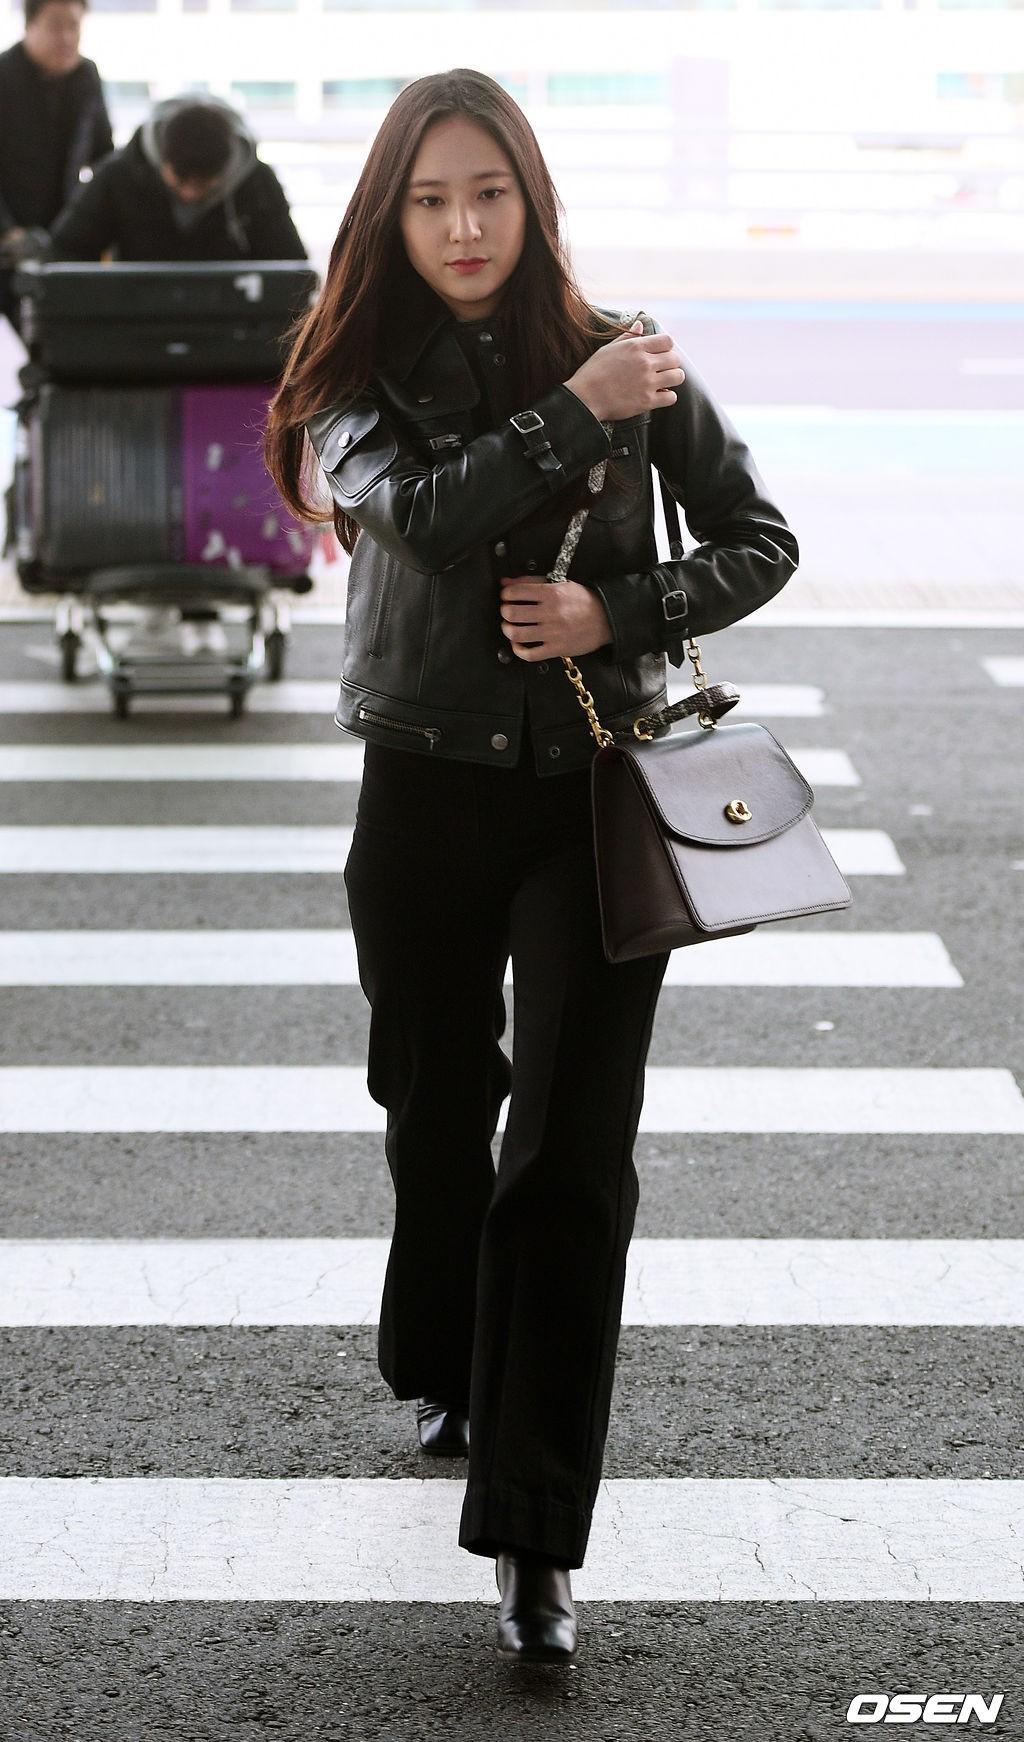 Cùng tăng cân khi xuất hiện tại sân bay: Krystal bị chê vừa thô vừa xuống sắc, Seohyun được khen xinh rạng rỡ - Ảnh 1.